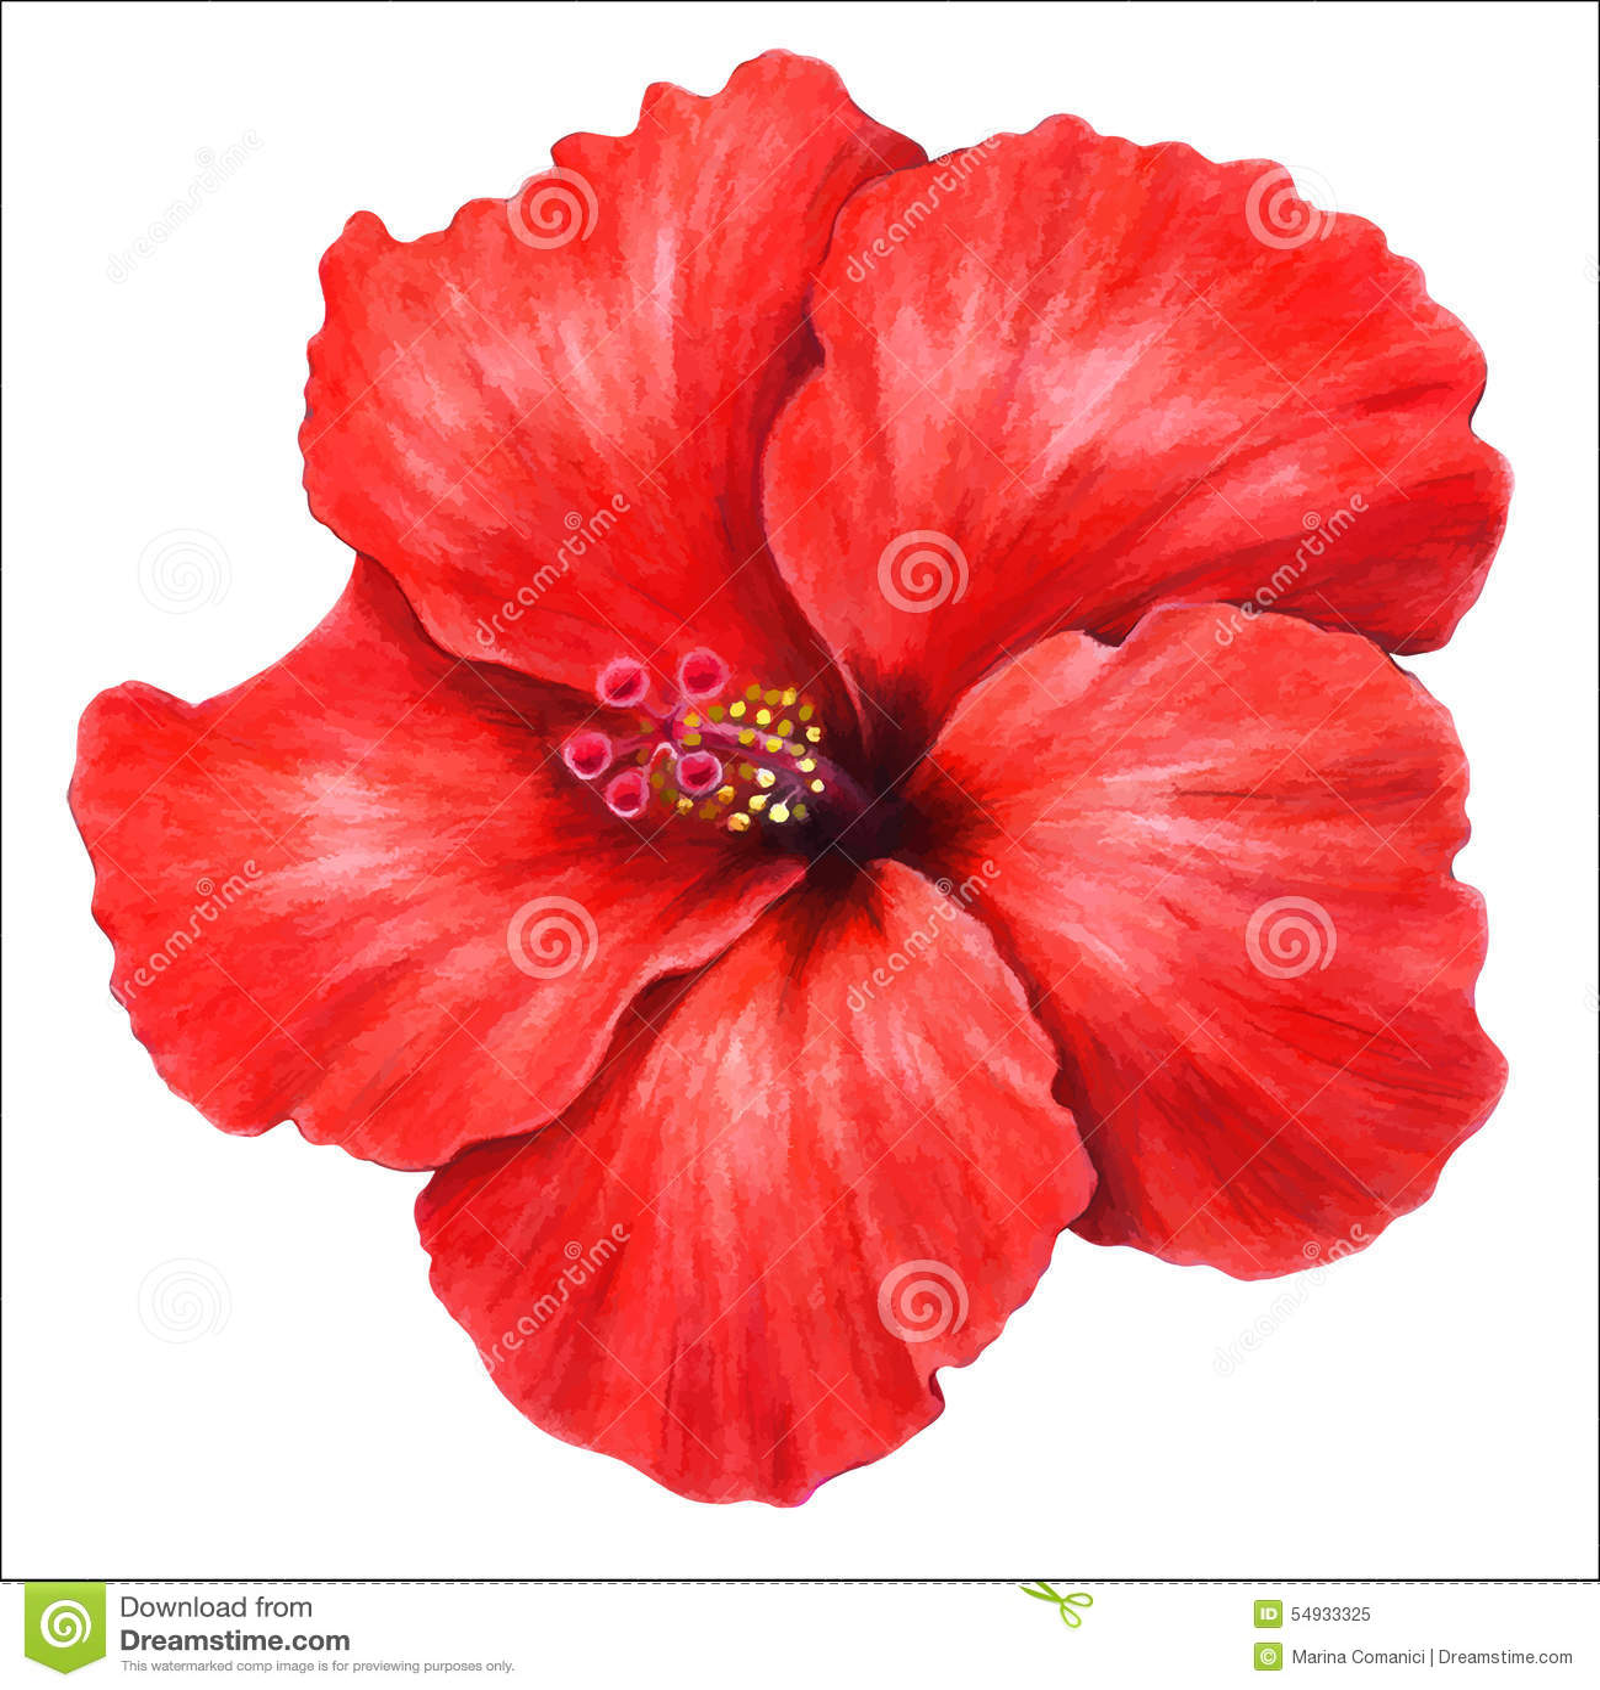 Hibiscus stock vector. Illustration of stigma, hibiscus - 54933325